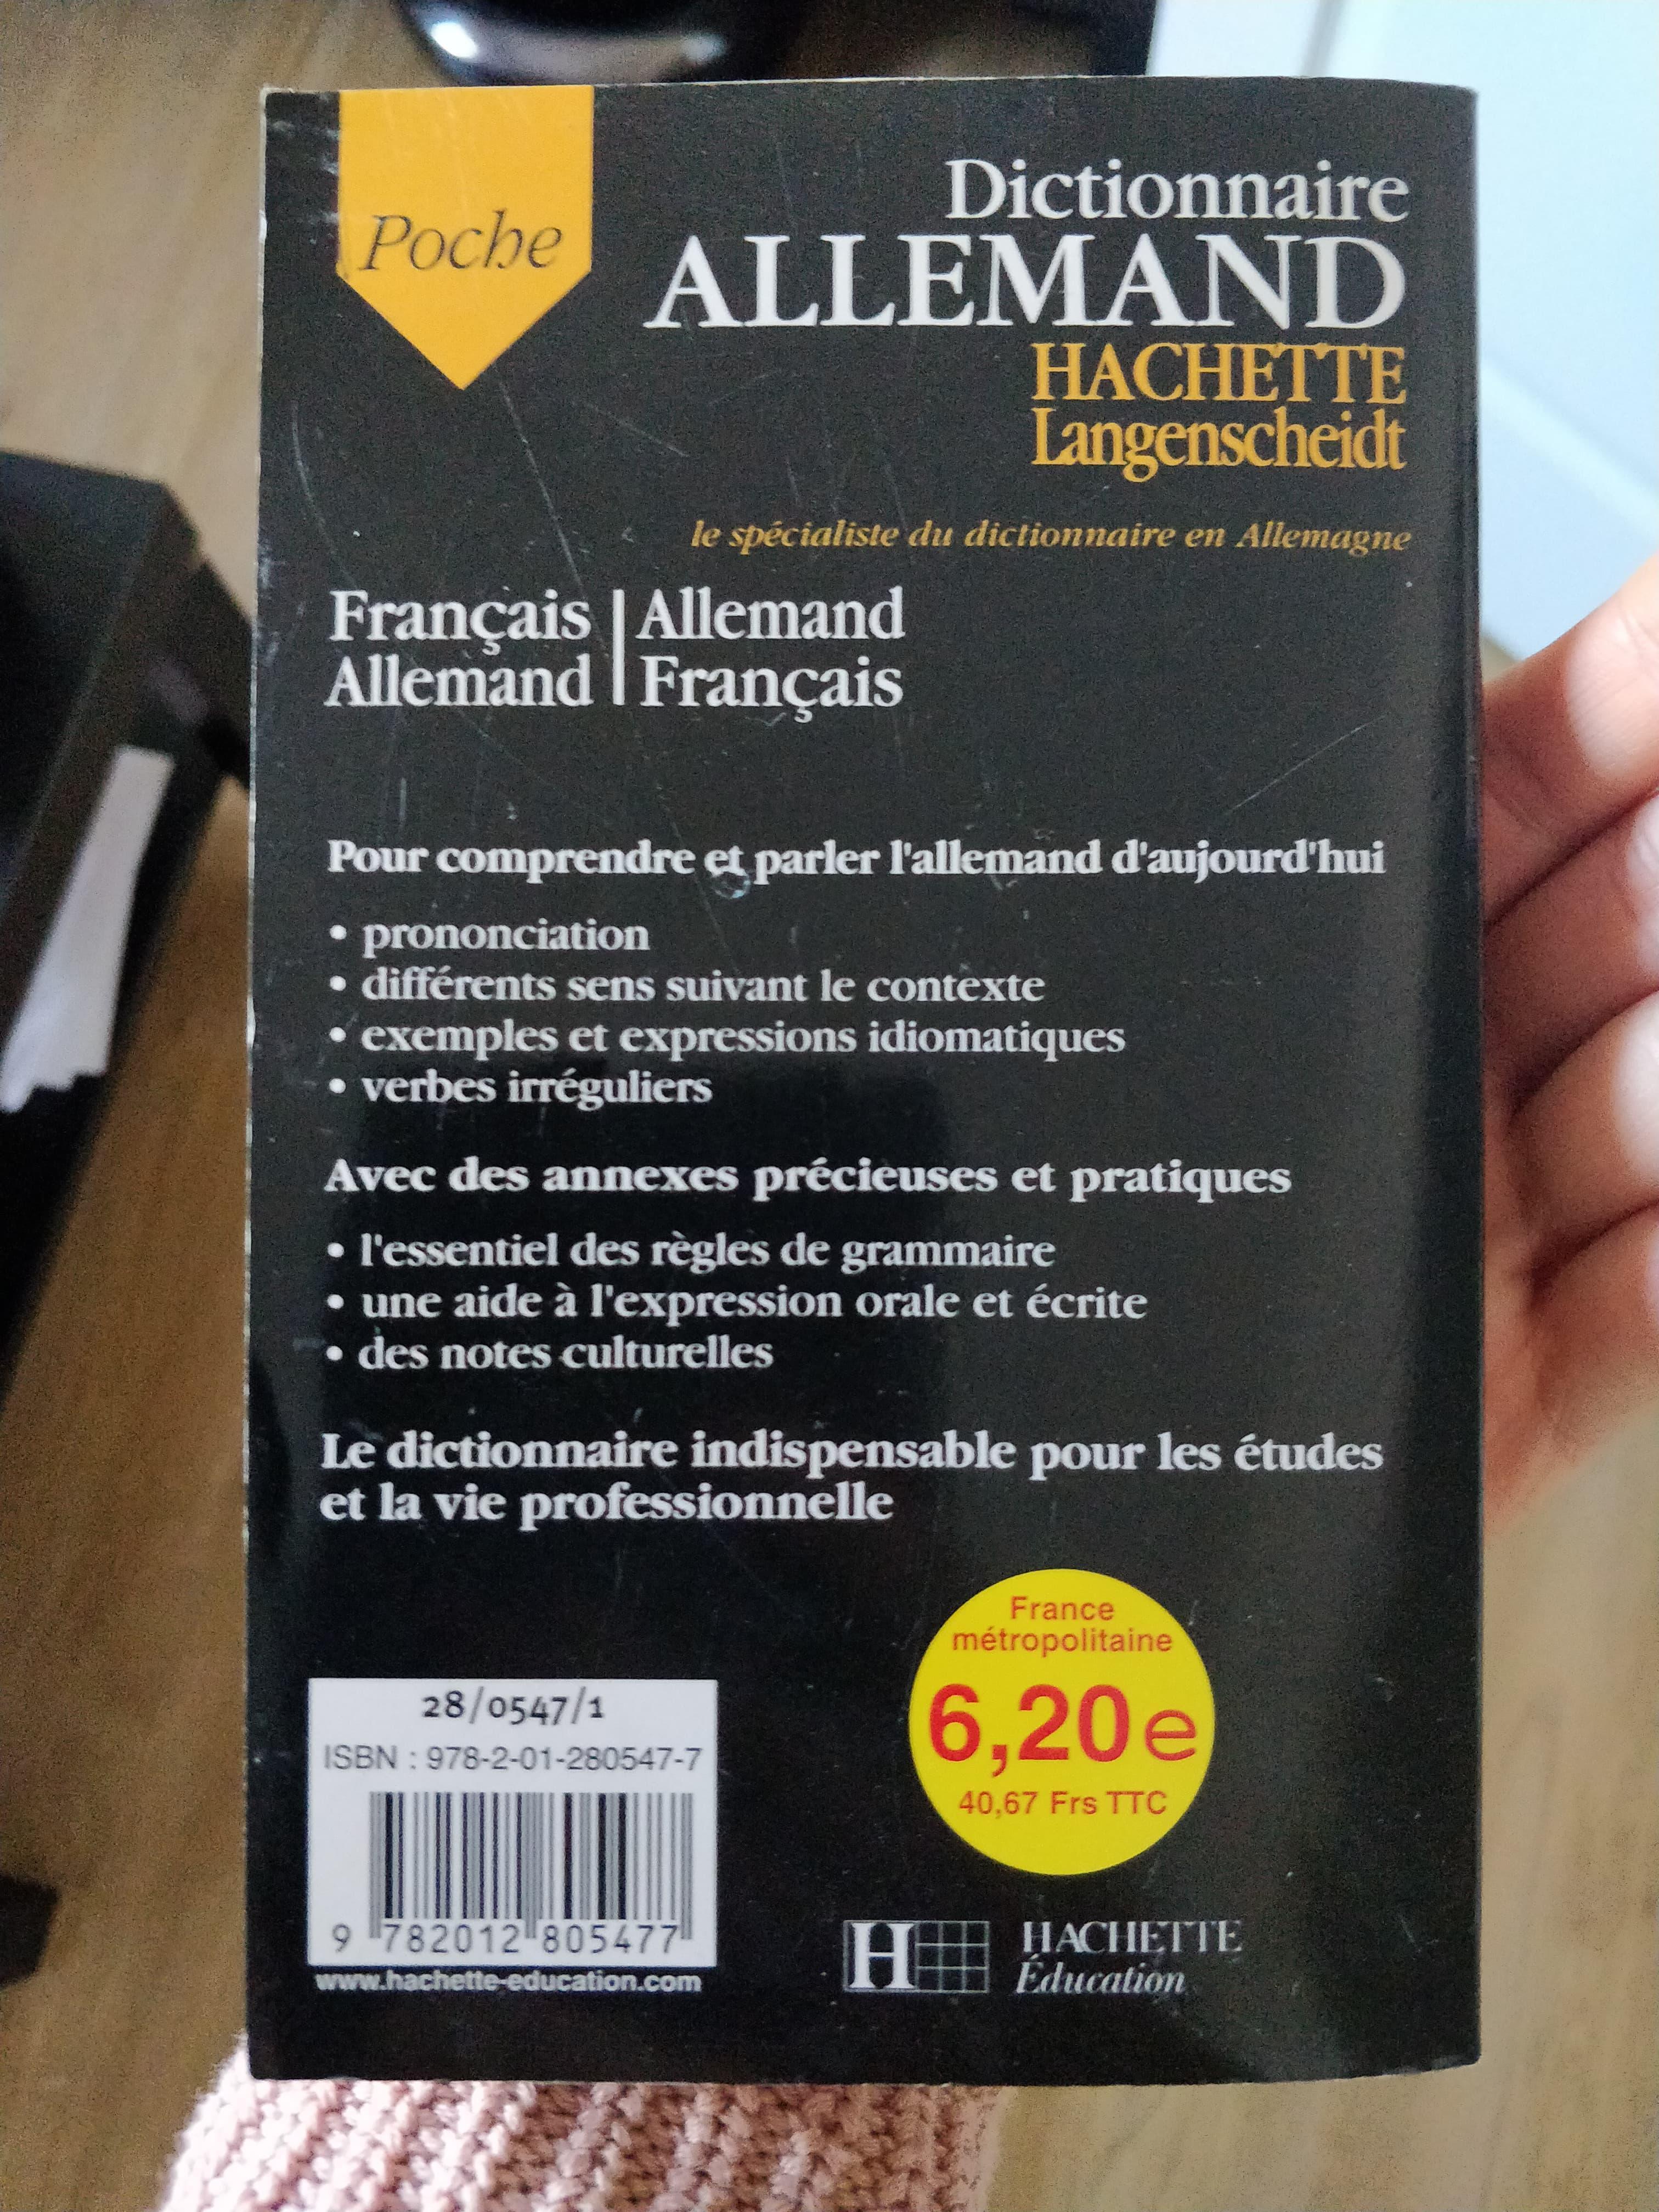 troc de troc dictionnaire + petit livre allemand/français image 1